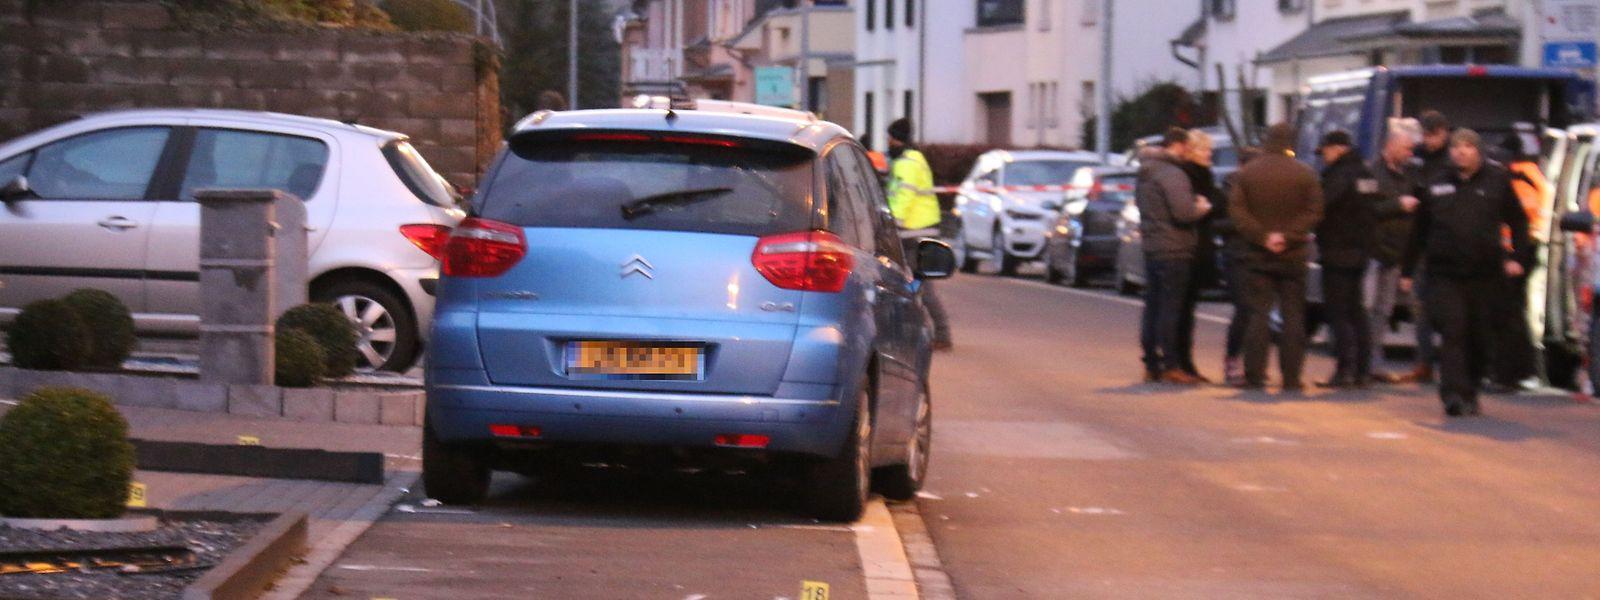 Le drame s'est déroulé mercredi peu après 15 heures dans la rue Grande-Duchesse Charlotte à Wiltz.